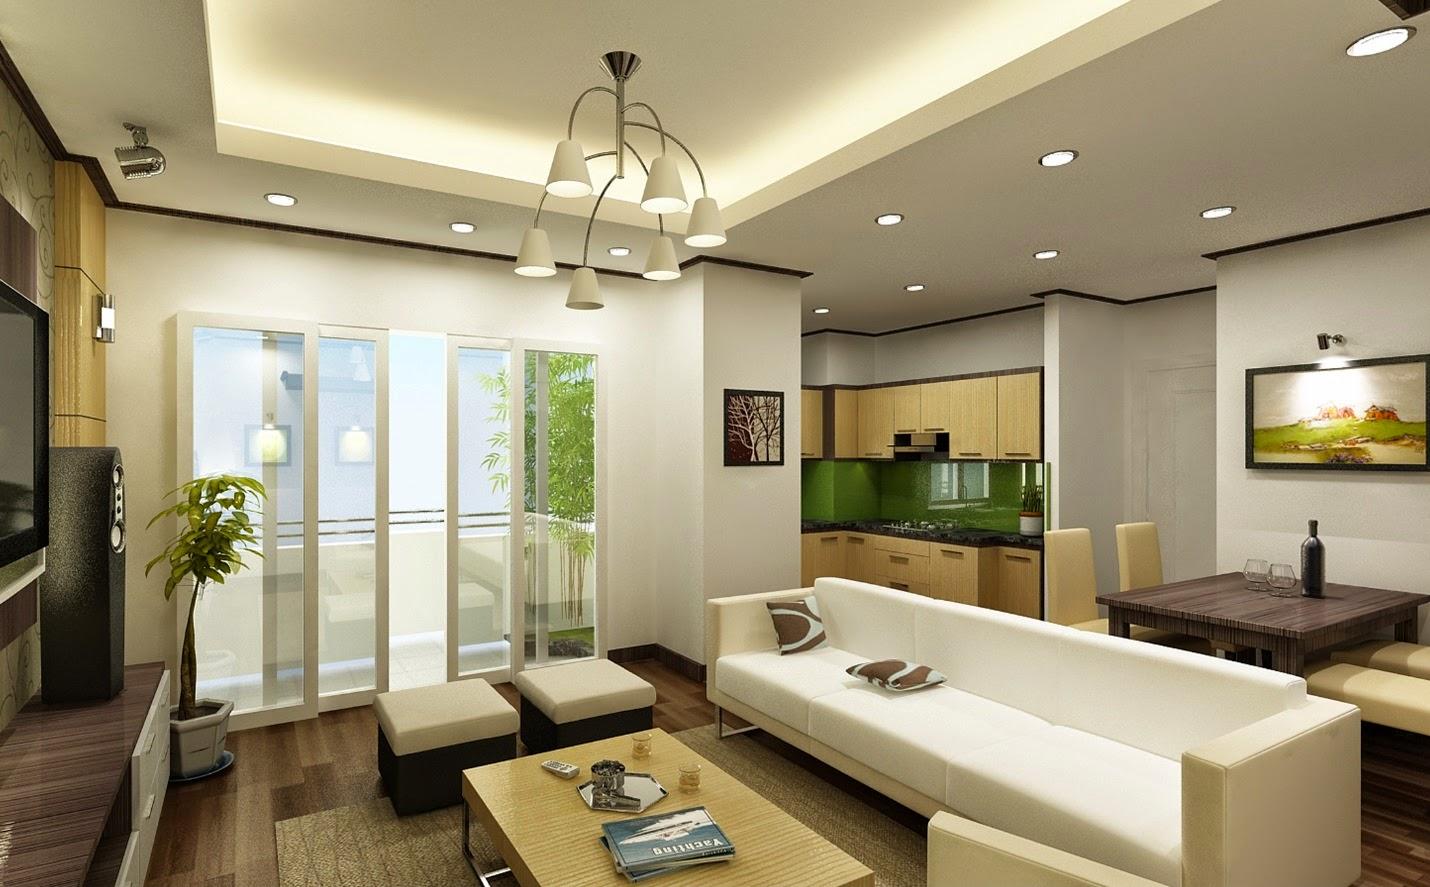 Theo thuật phong thủy, mỗi không gian kiến trúc sẽ được chia làm 3 tầng, tính từ mặt sàn lên trần trần, lần lượt là thái âm, thái dương và thái hòa